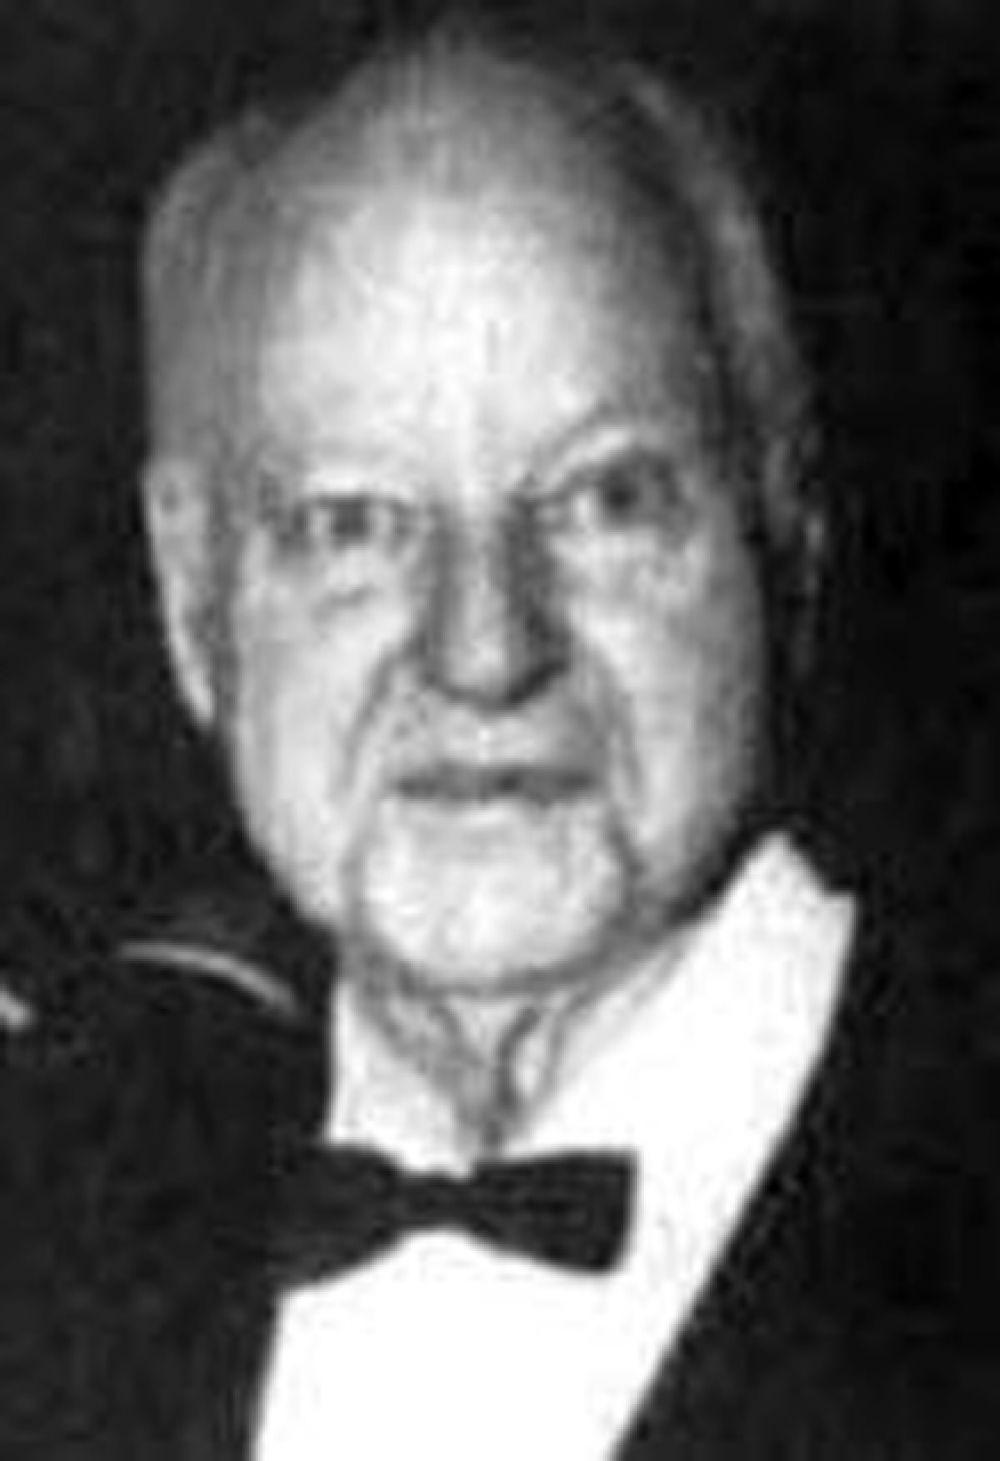 Нефтяной магнат Гарольд Хант, в 1948 году объявленный самым богатым человеком в мире, был до того скуп, что сам себя стриг. Узнавали его по вытертым до дыр костюмам.